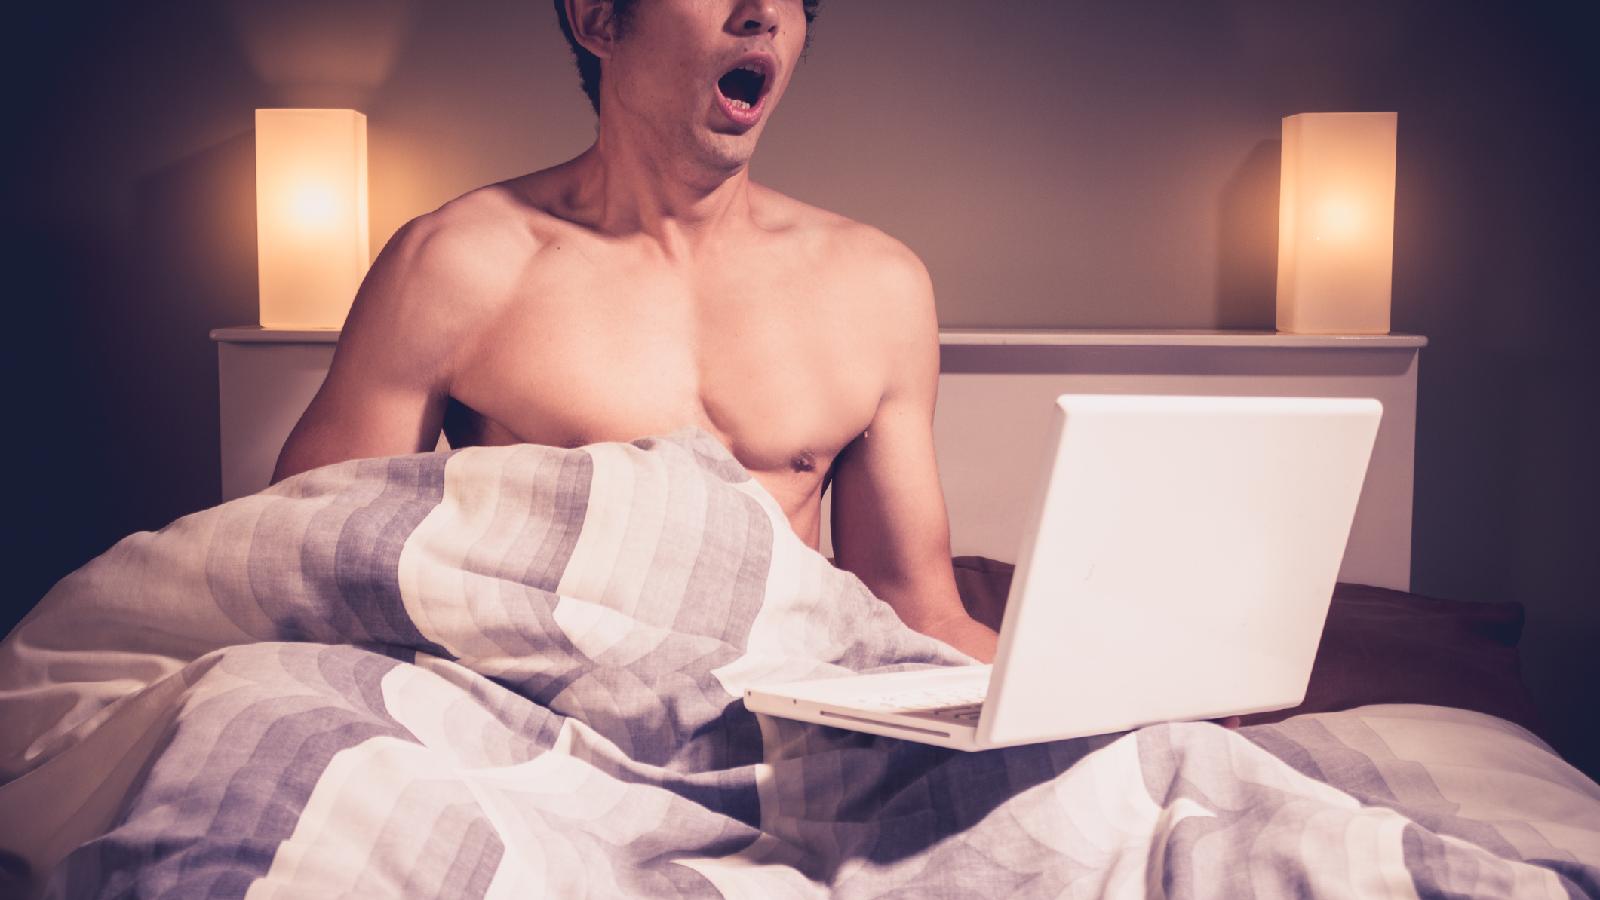 Darum solltest du lieber keine Pornos schauen